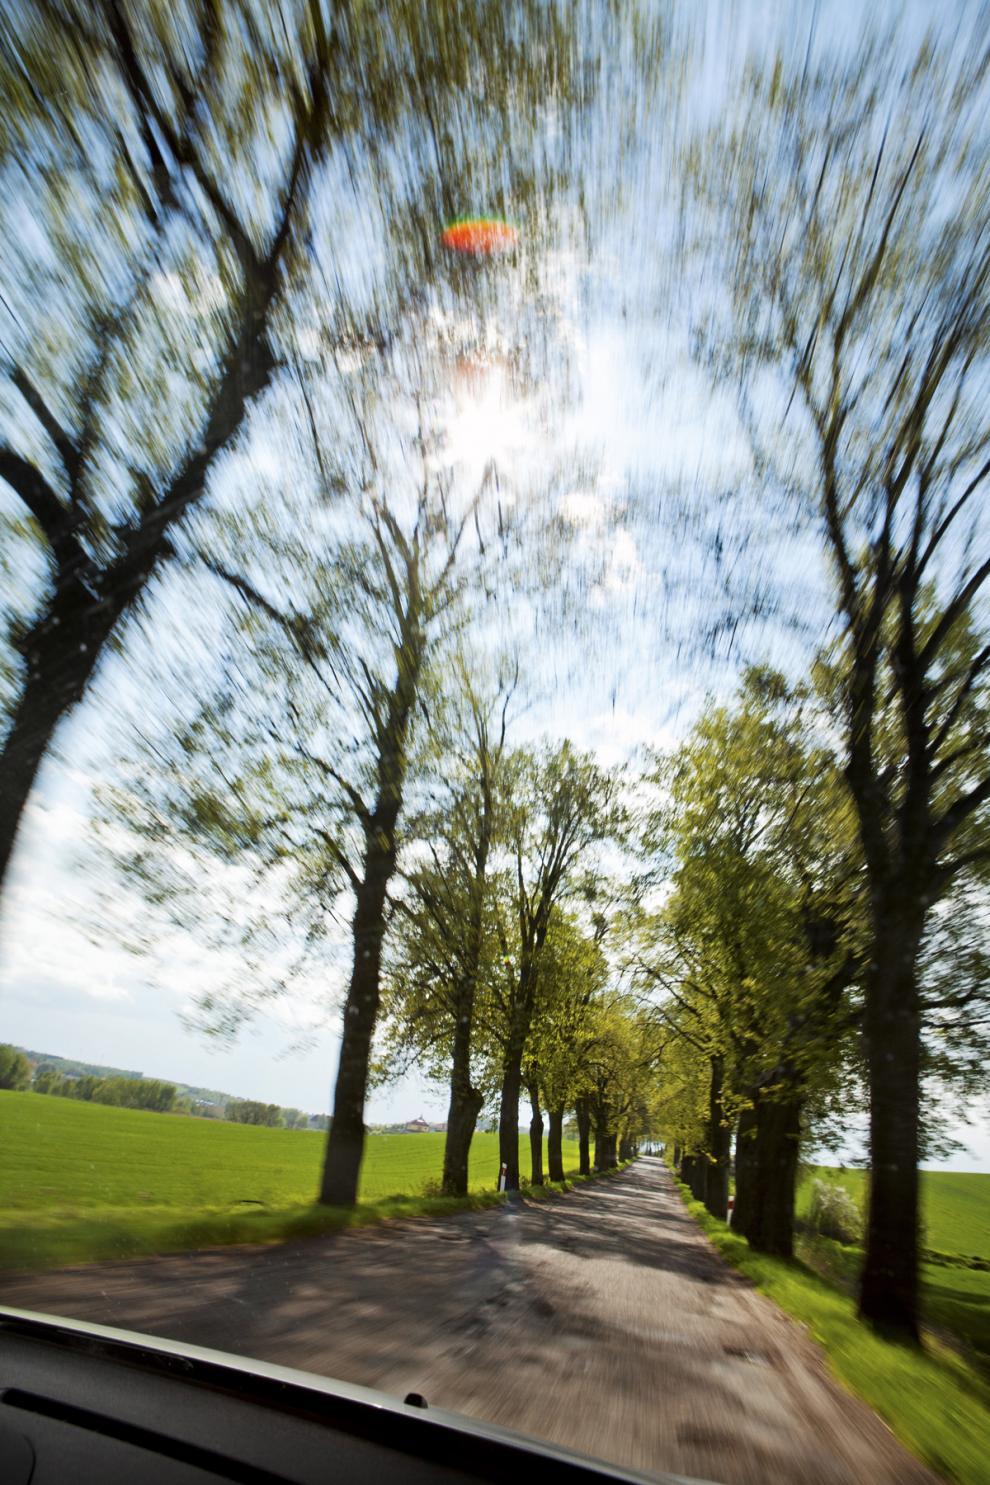 Vackra, men farliga, alléer kantar ofta landsvägarna i Polen. Träden kräver många offer men får ändå stå kvar.